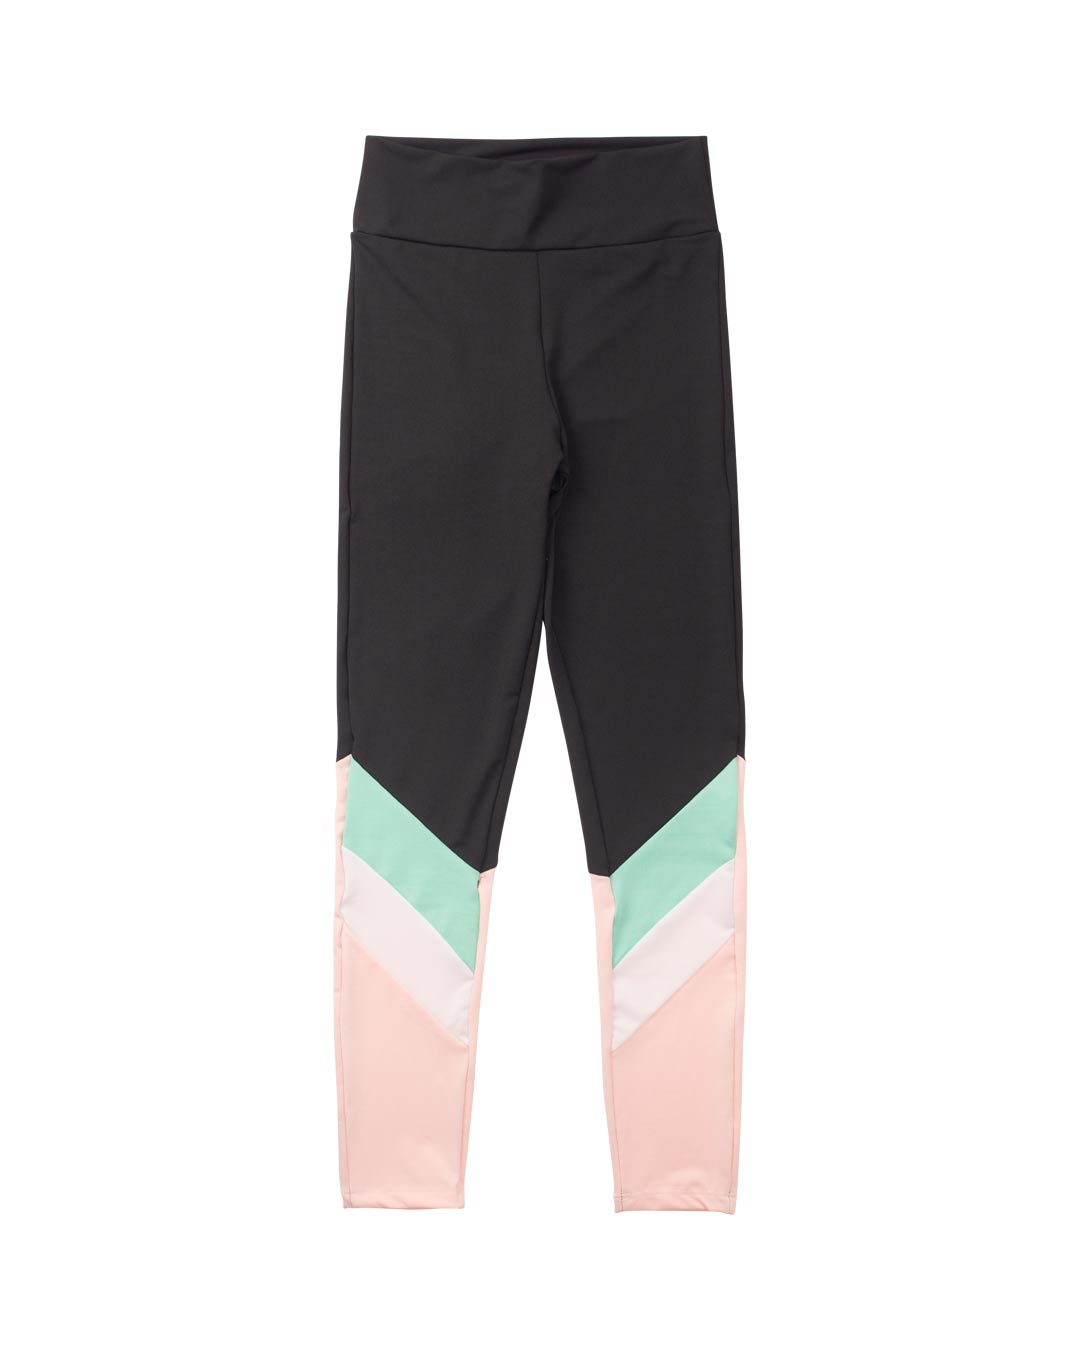 Legging Fitness Preto Com Detalhes Rosa e Verde -  Movimente-se